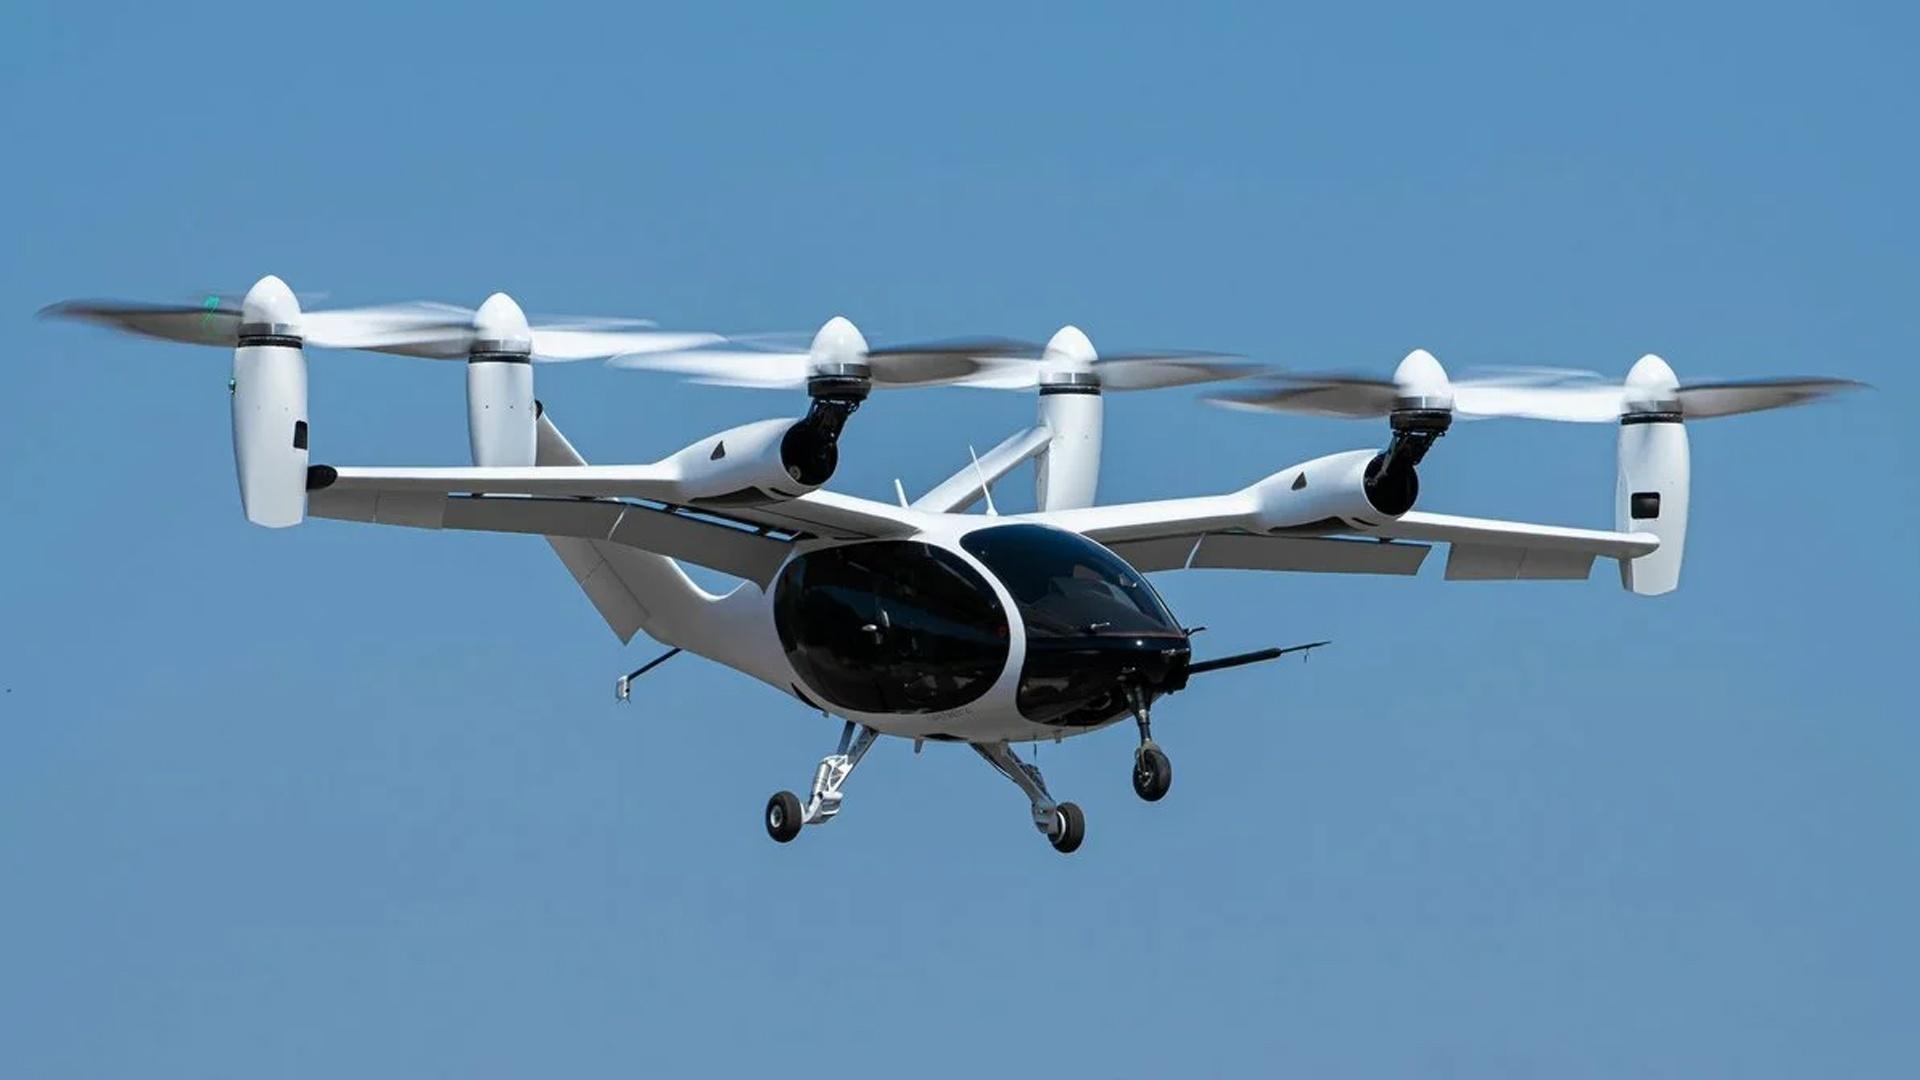 Электрическое аэротакси Joby Aviation может совершать 150-мильный перелет